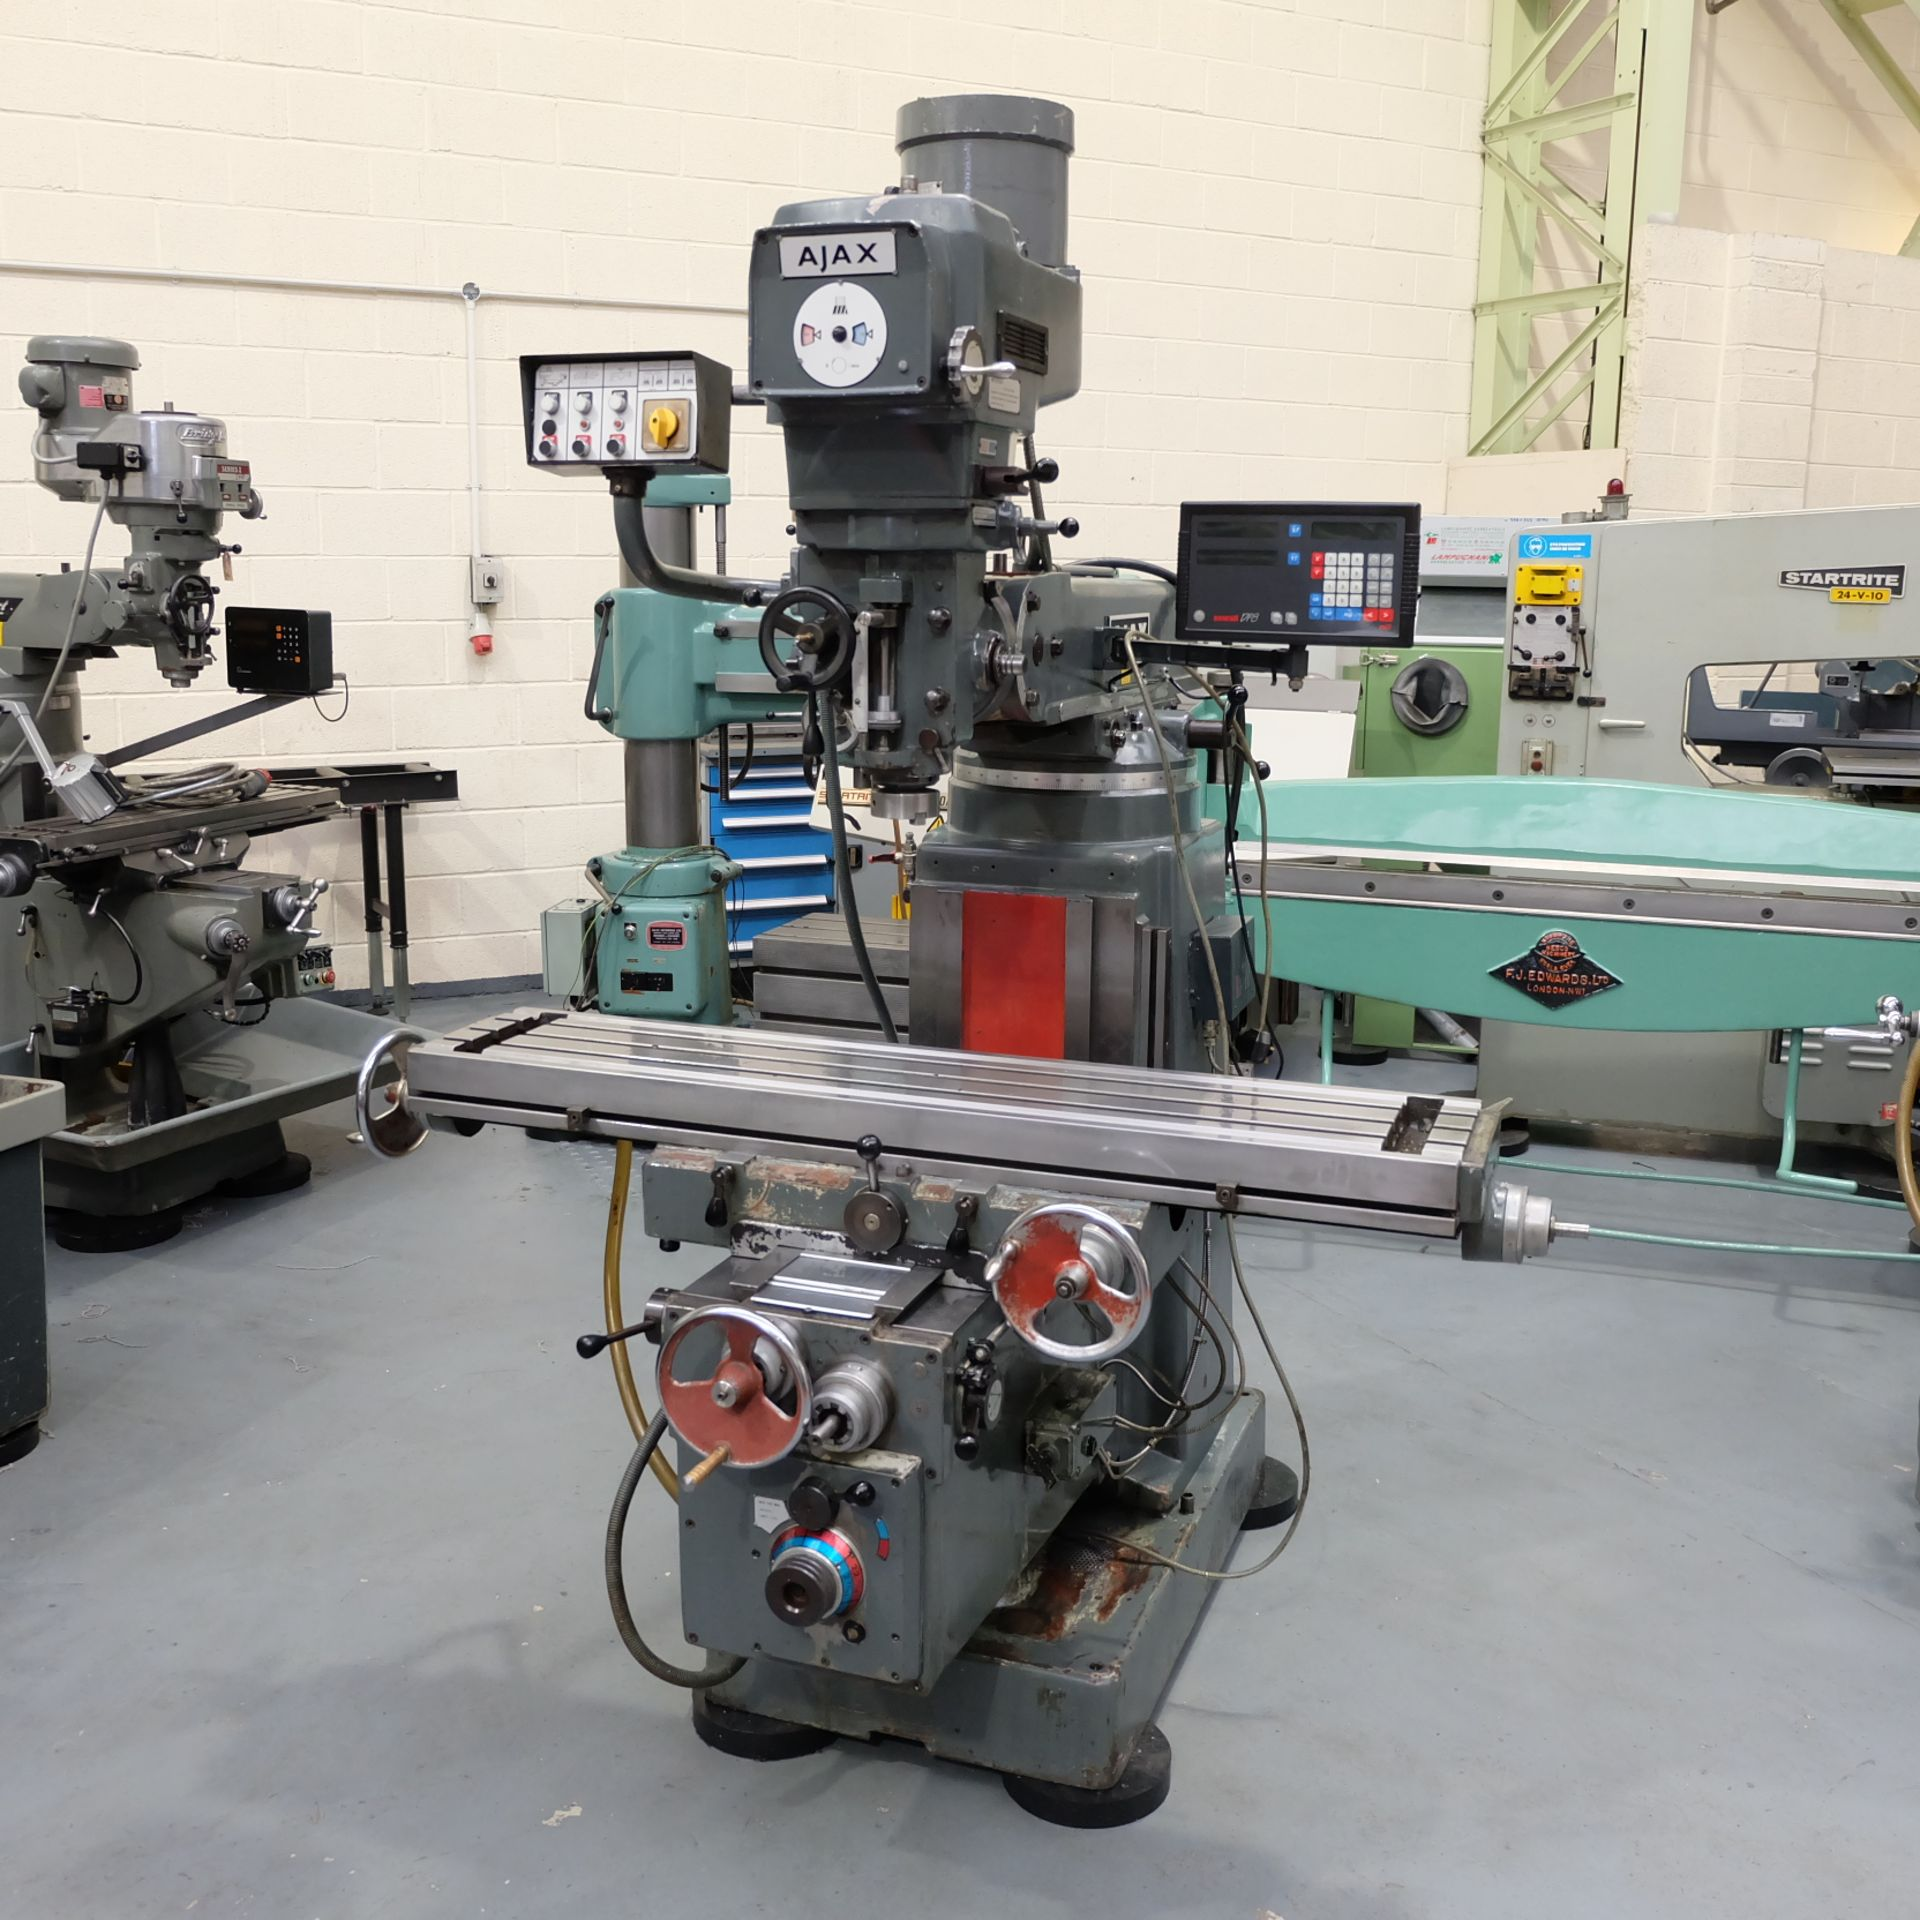 Lot 23 - Ajax Model AJT4 Turret Milling Machine.